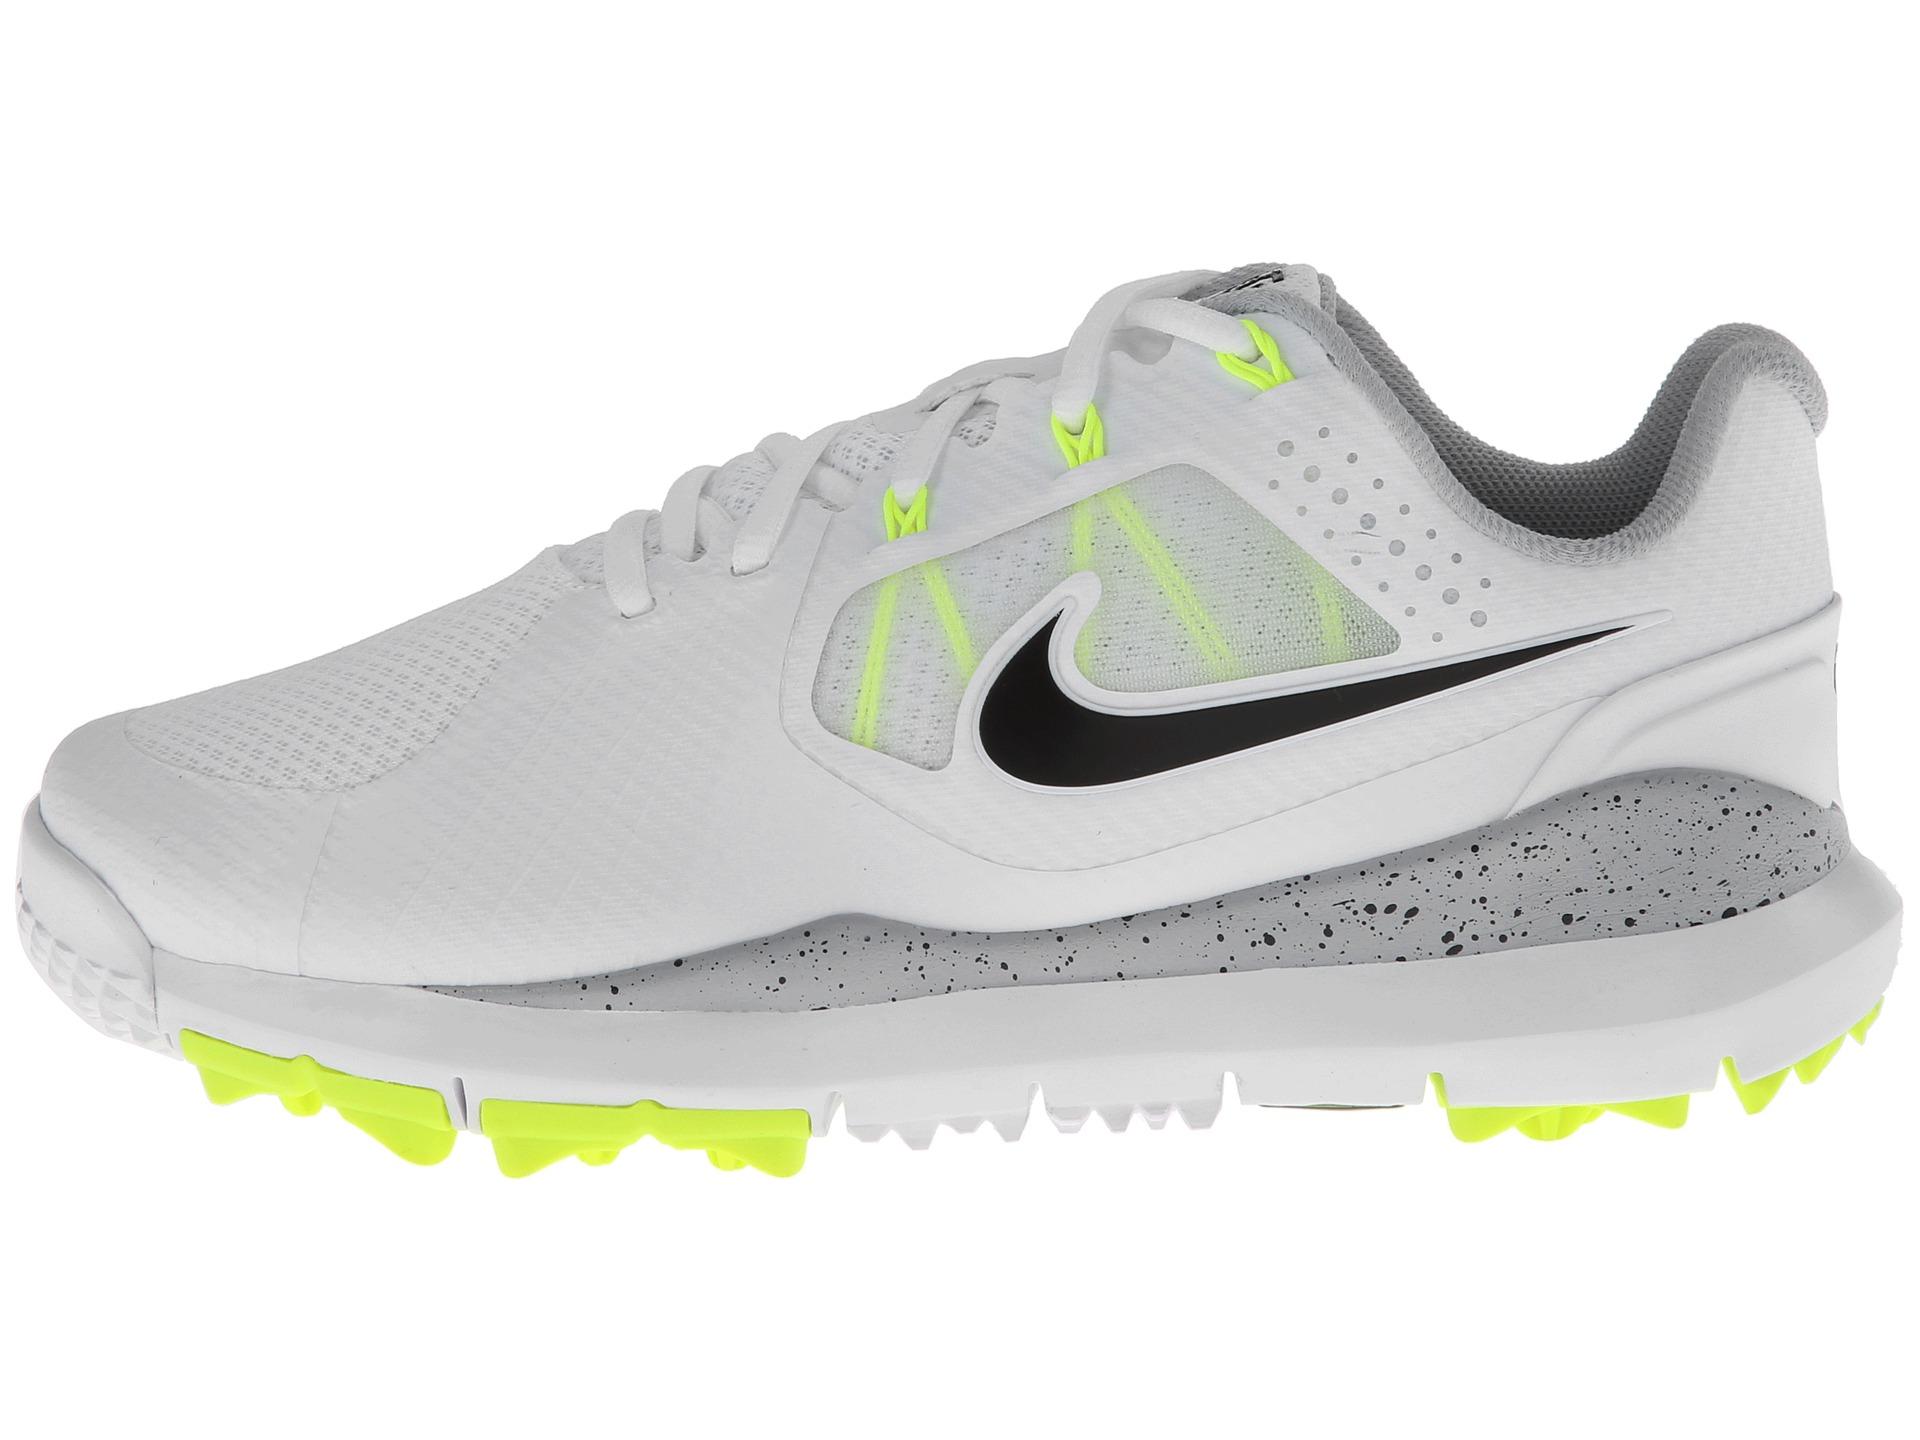 Nike Shoe Mesh Repair